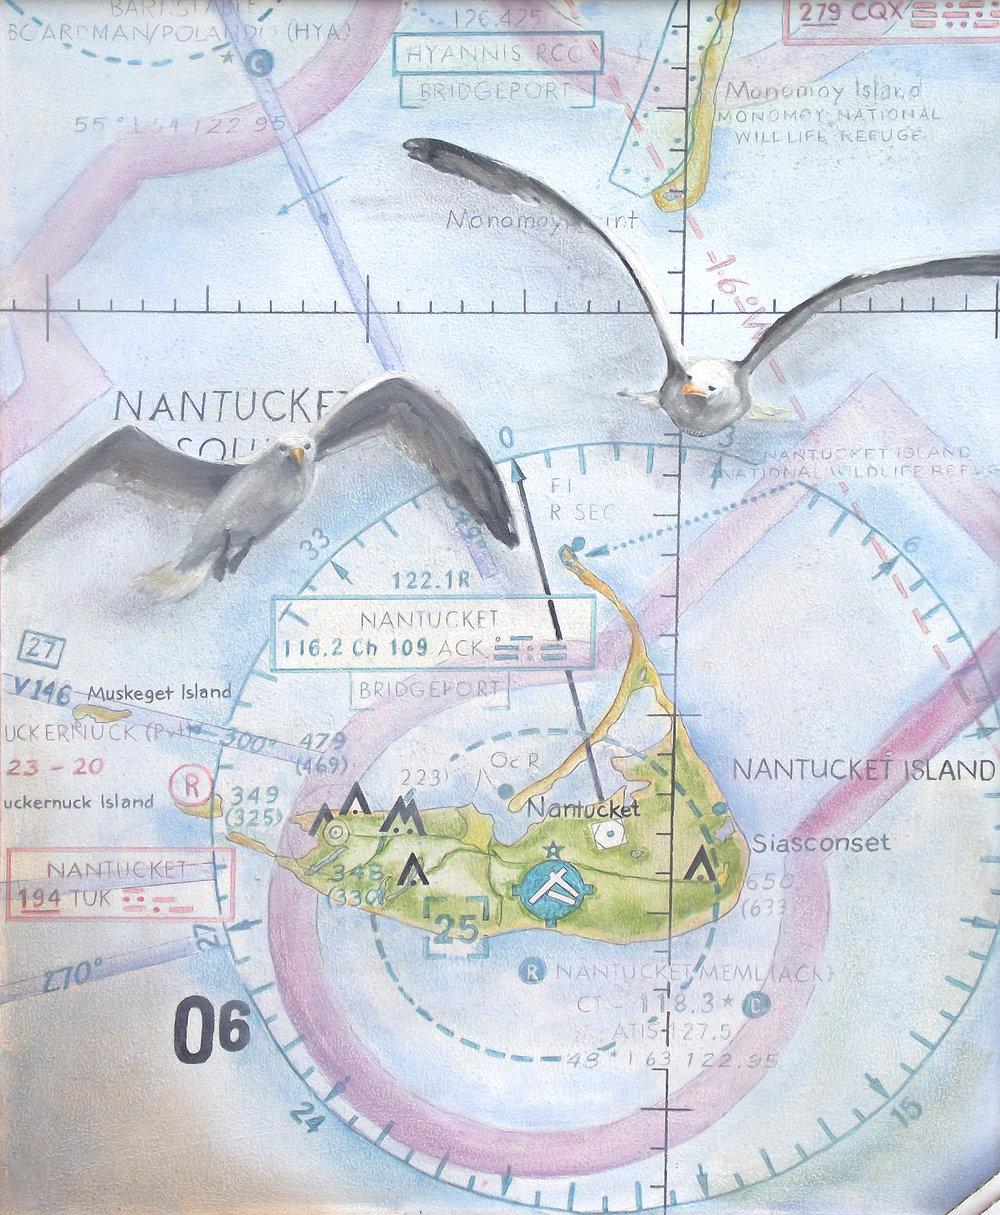 Nantucket Flight Plan